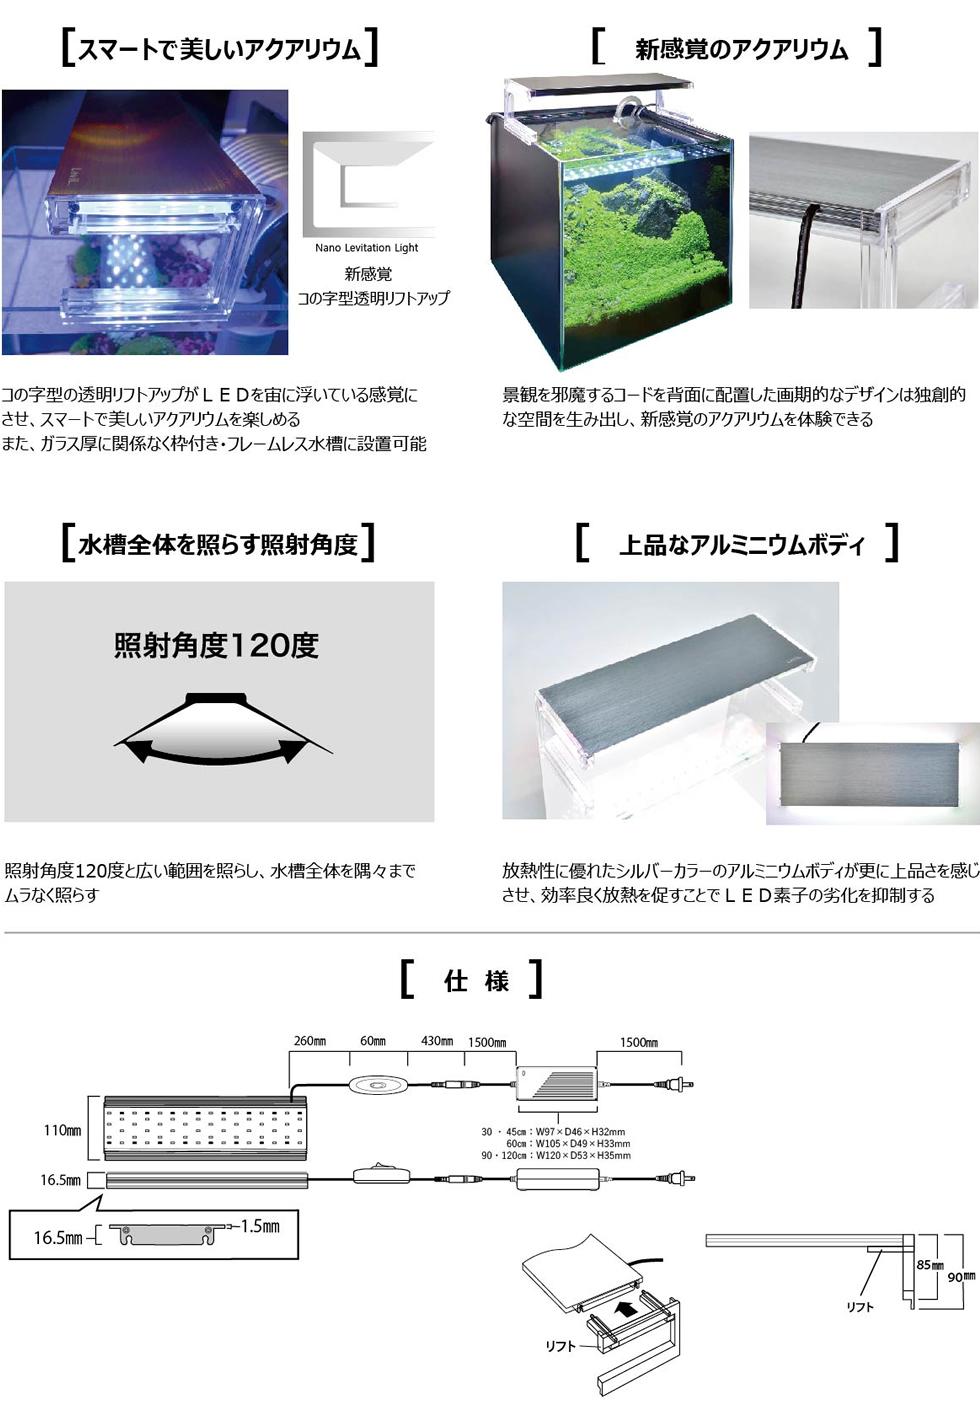 LEVIL / ナノ レビル 仕様